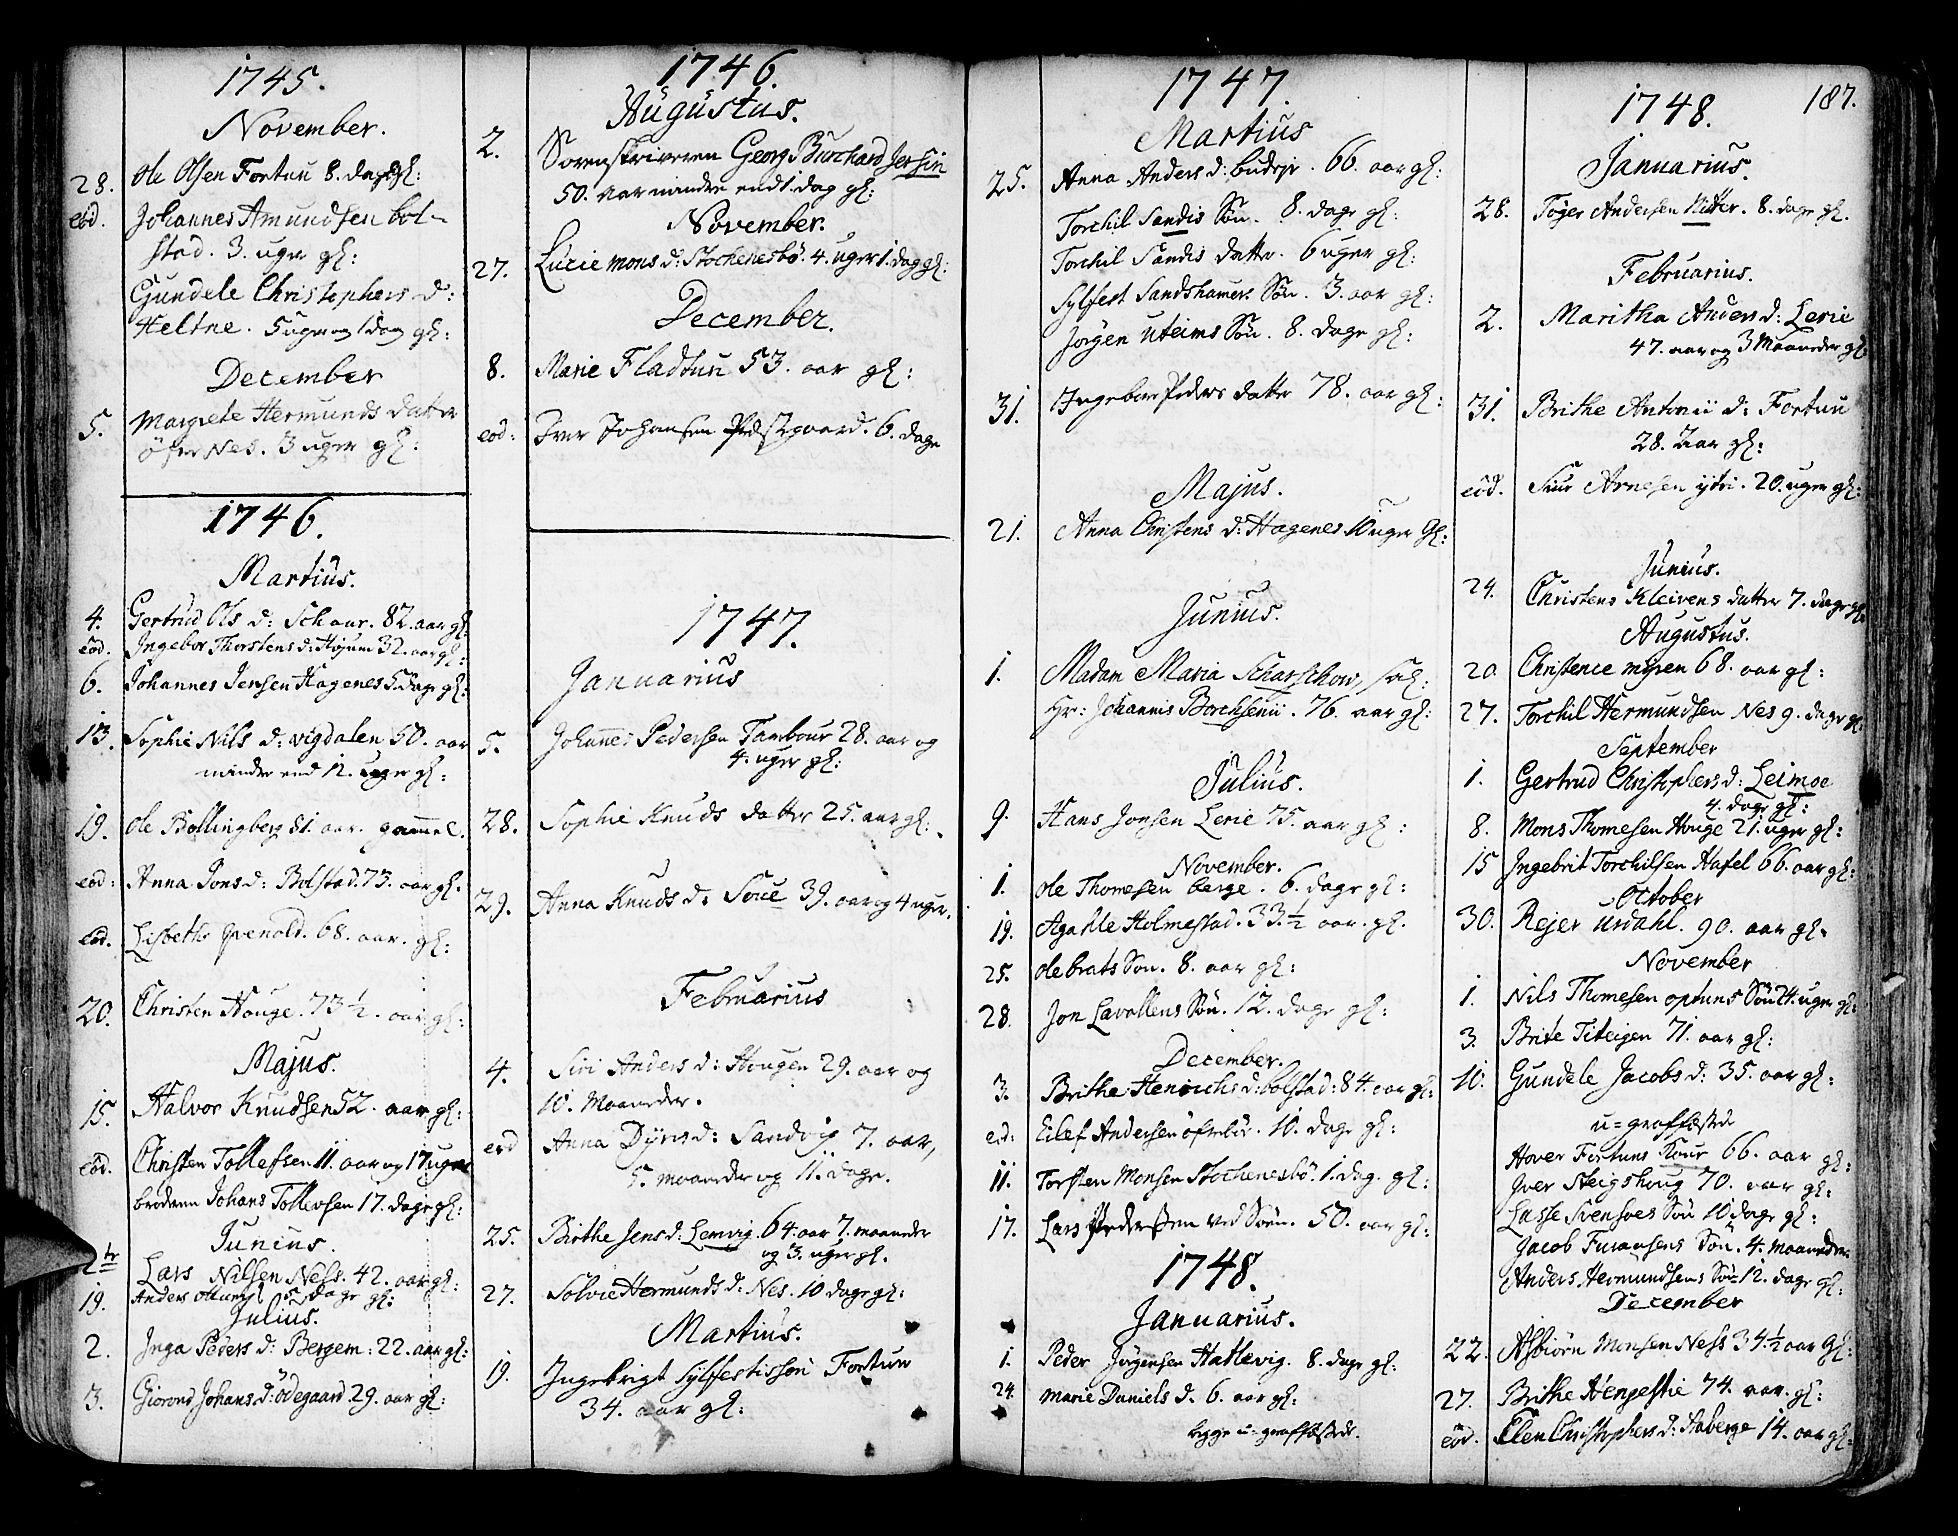 SAB, Luster Sokneprestembete, Ministerialbok nr. A 1, 1731-1803, s. 187